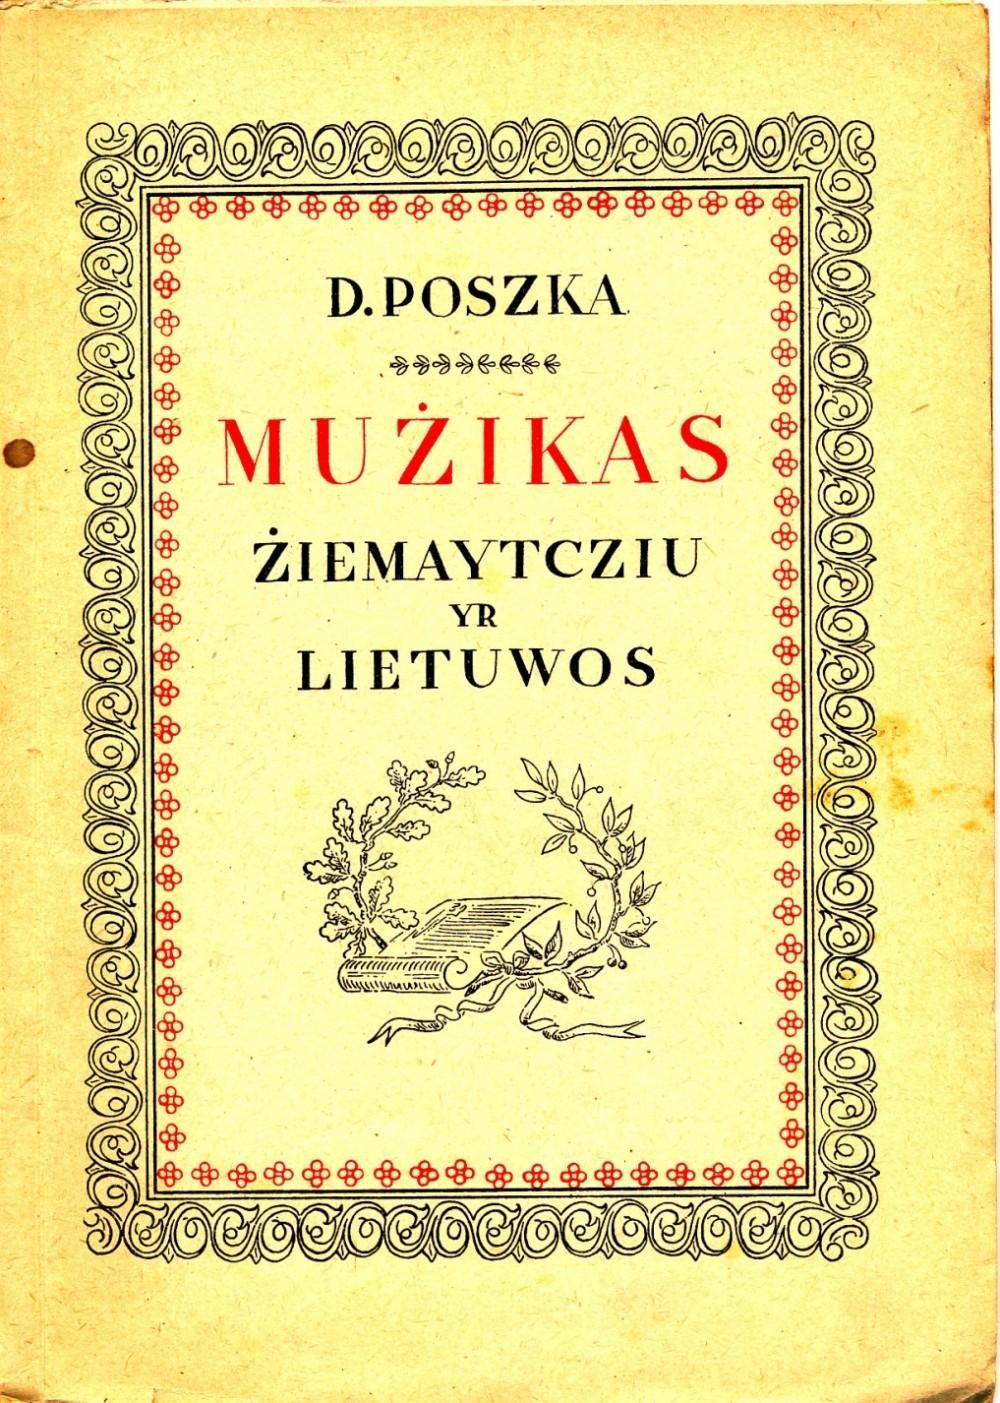 Paruošė Aleksandras Žirgulys. Valstybinė grožinės literatūros leidykla. Kaunas. 1947 m.